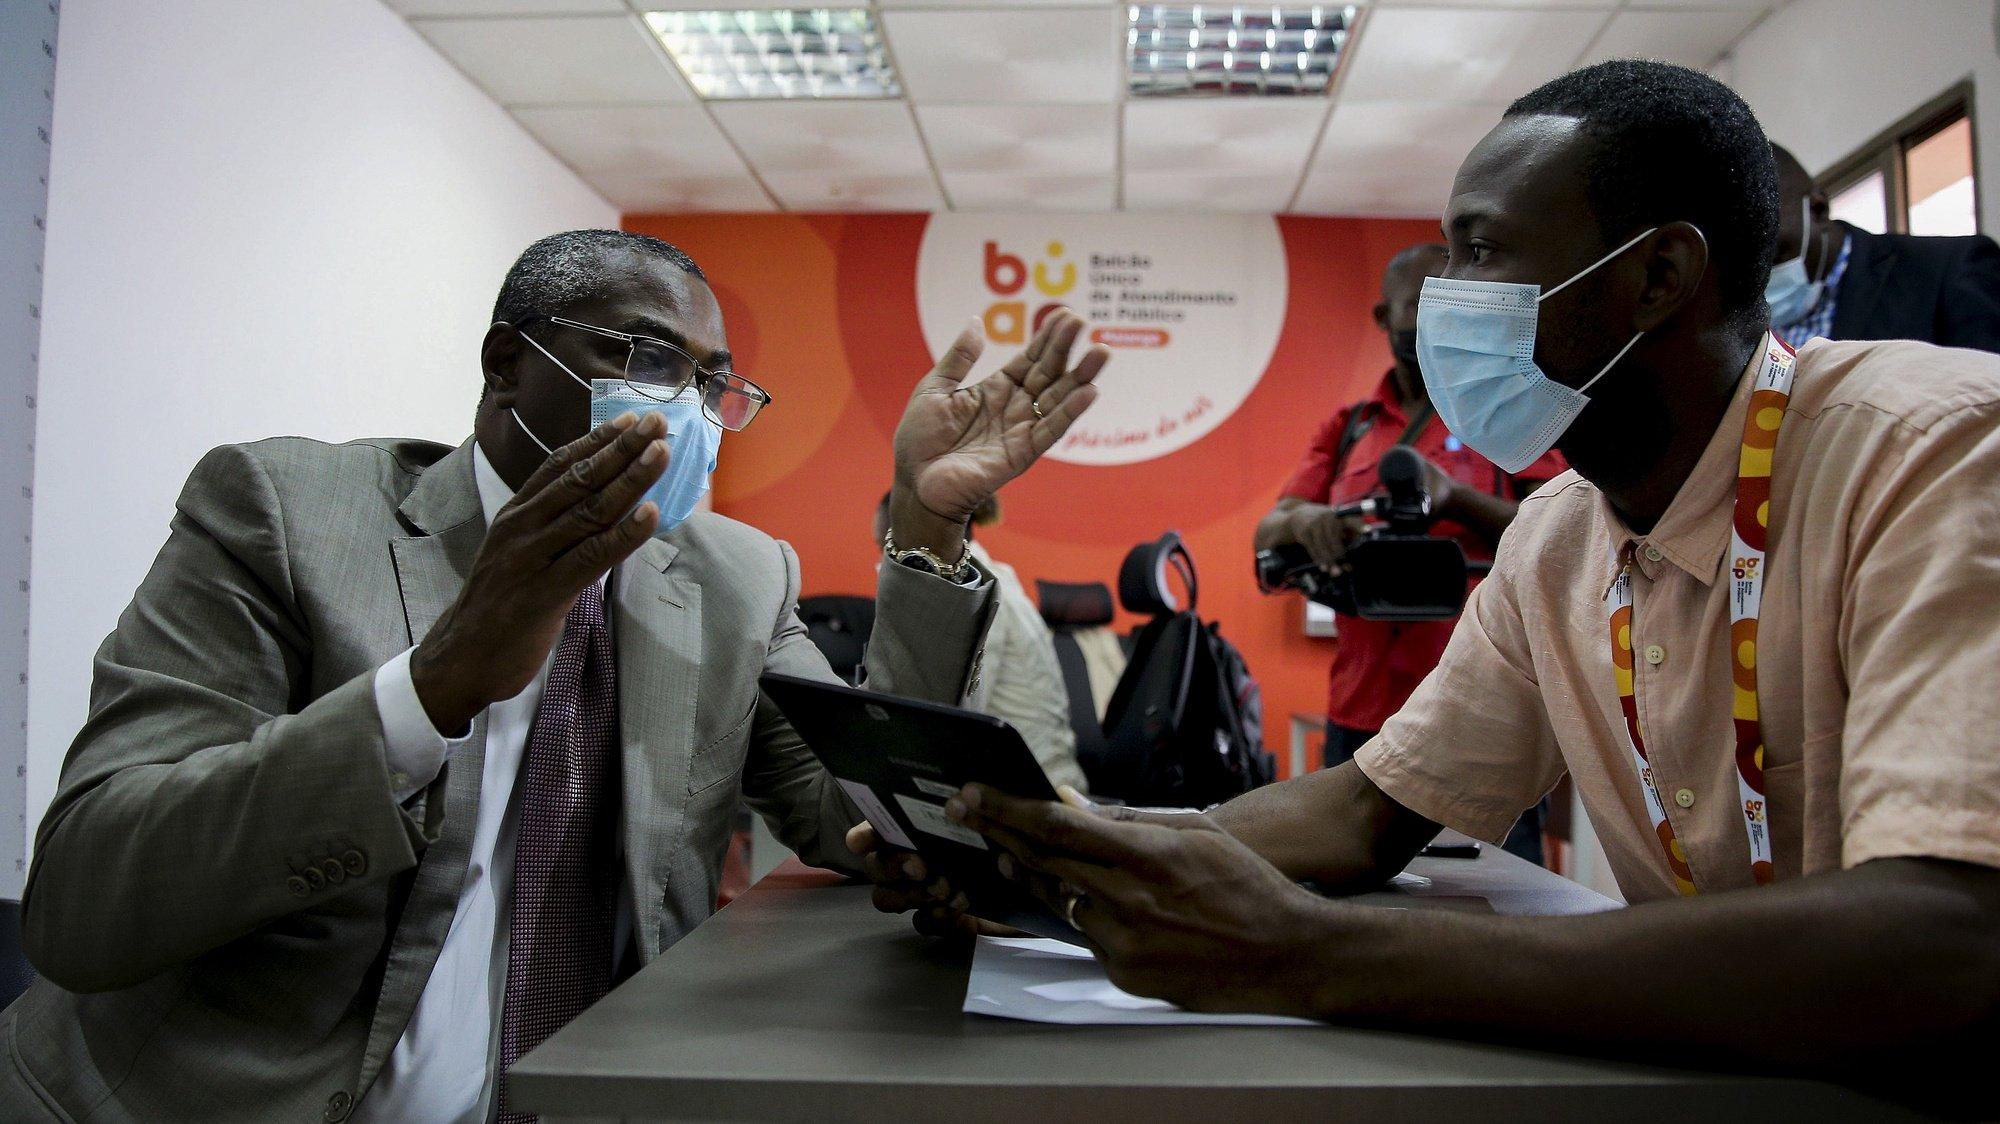 Abel Chivukuvuku (E), coordenador da Frente Patriótica Unida (FPU), plataforma política eleitoral na oposição, proclamada na passada terça-feira, em Luanda, com o objetivo de alcançar o poder em 2022, atualizou o seu registo eleitoral juntamente com os políticos Adalberto Costa Júnior e Filomeno Vieira Lopes, ambos coordenadores adjuntos da FPU, Luanda, Angola, 7 de outubro de 2021.  AMPE ROGÉRIO/LUSA